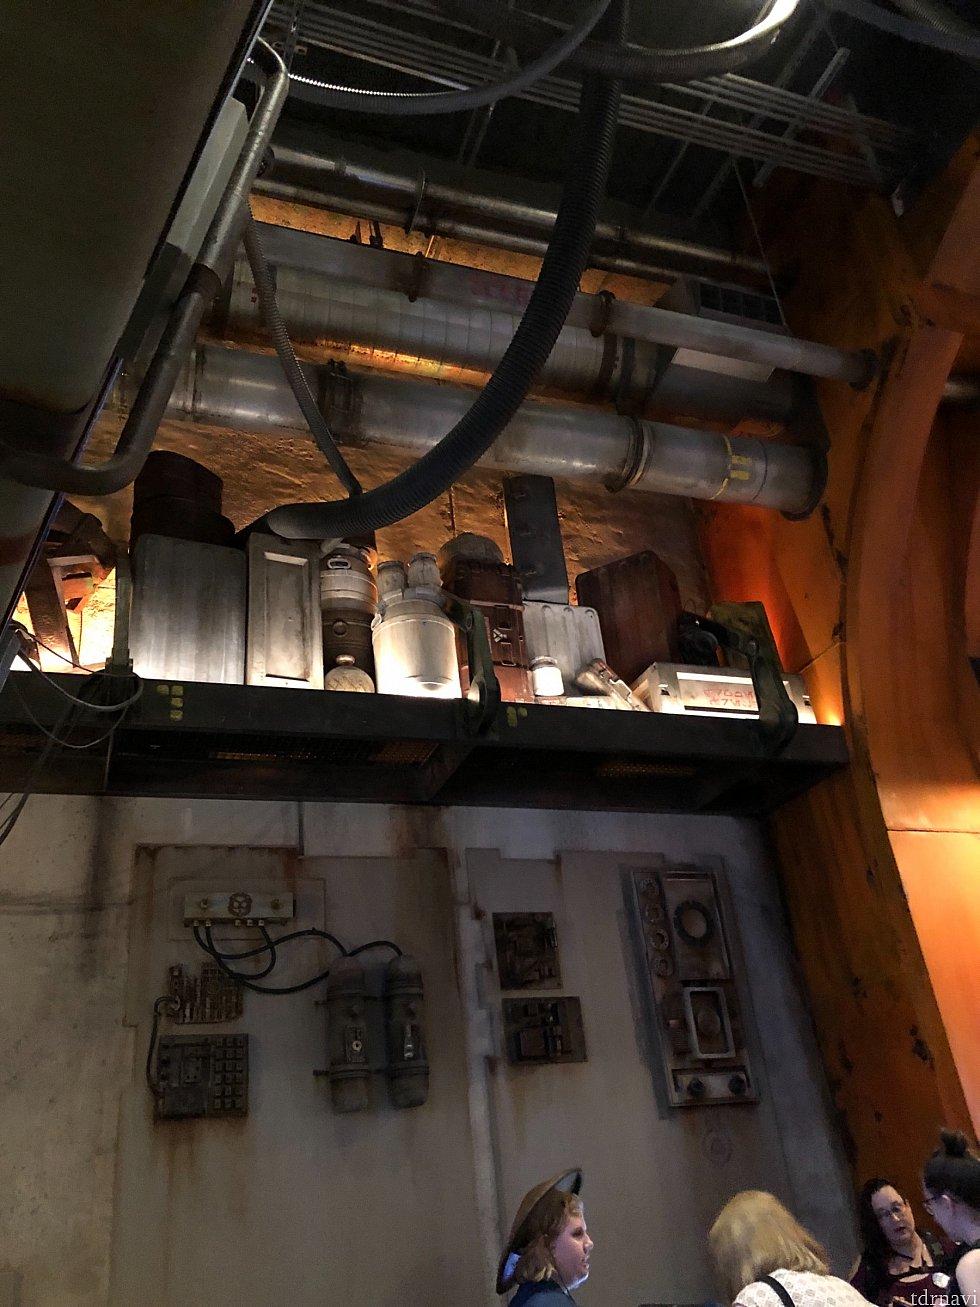 その代わり、天井の高い店内には色々なプロップが飾られているところはギャラクシーエッジ内のレストランならでは。